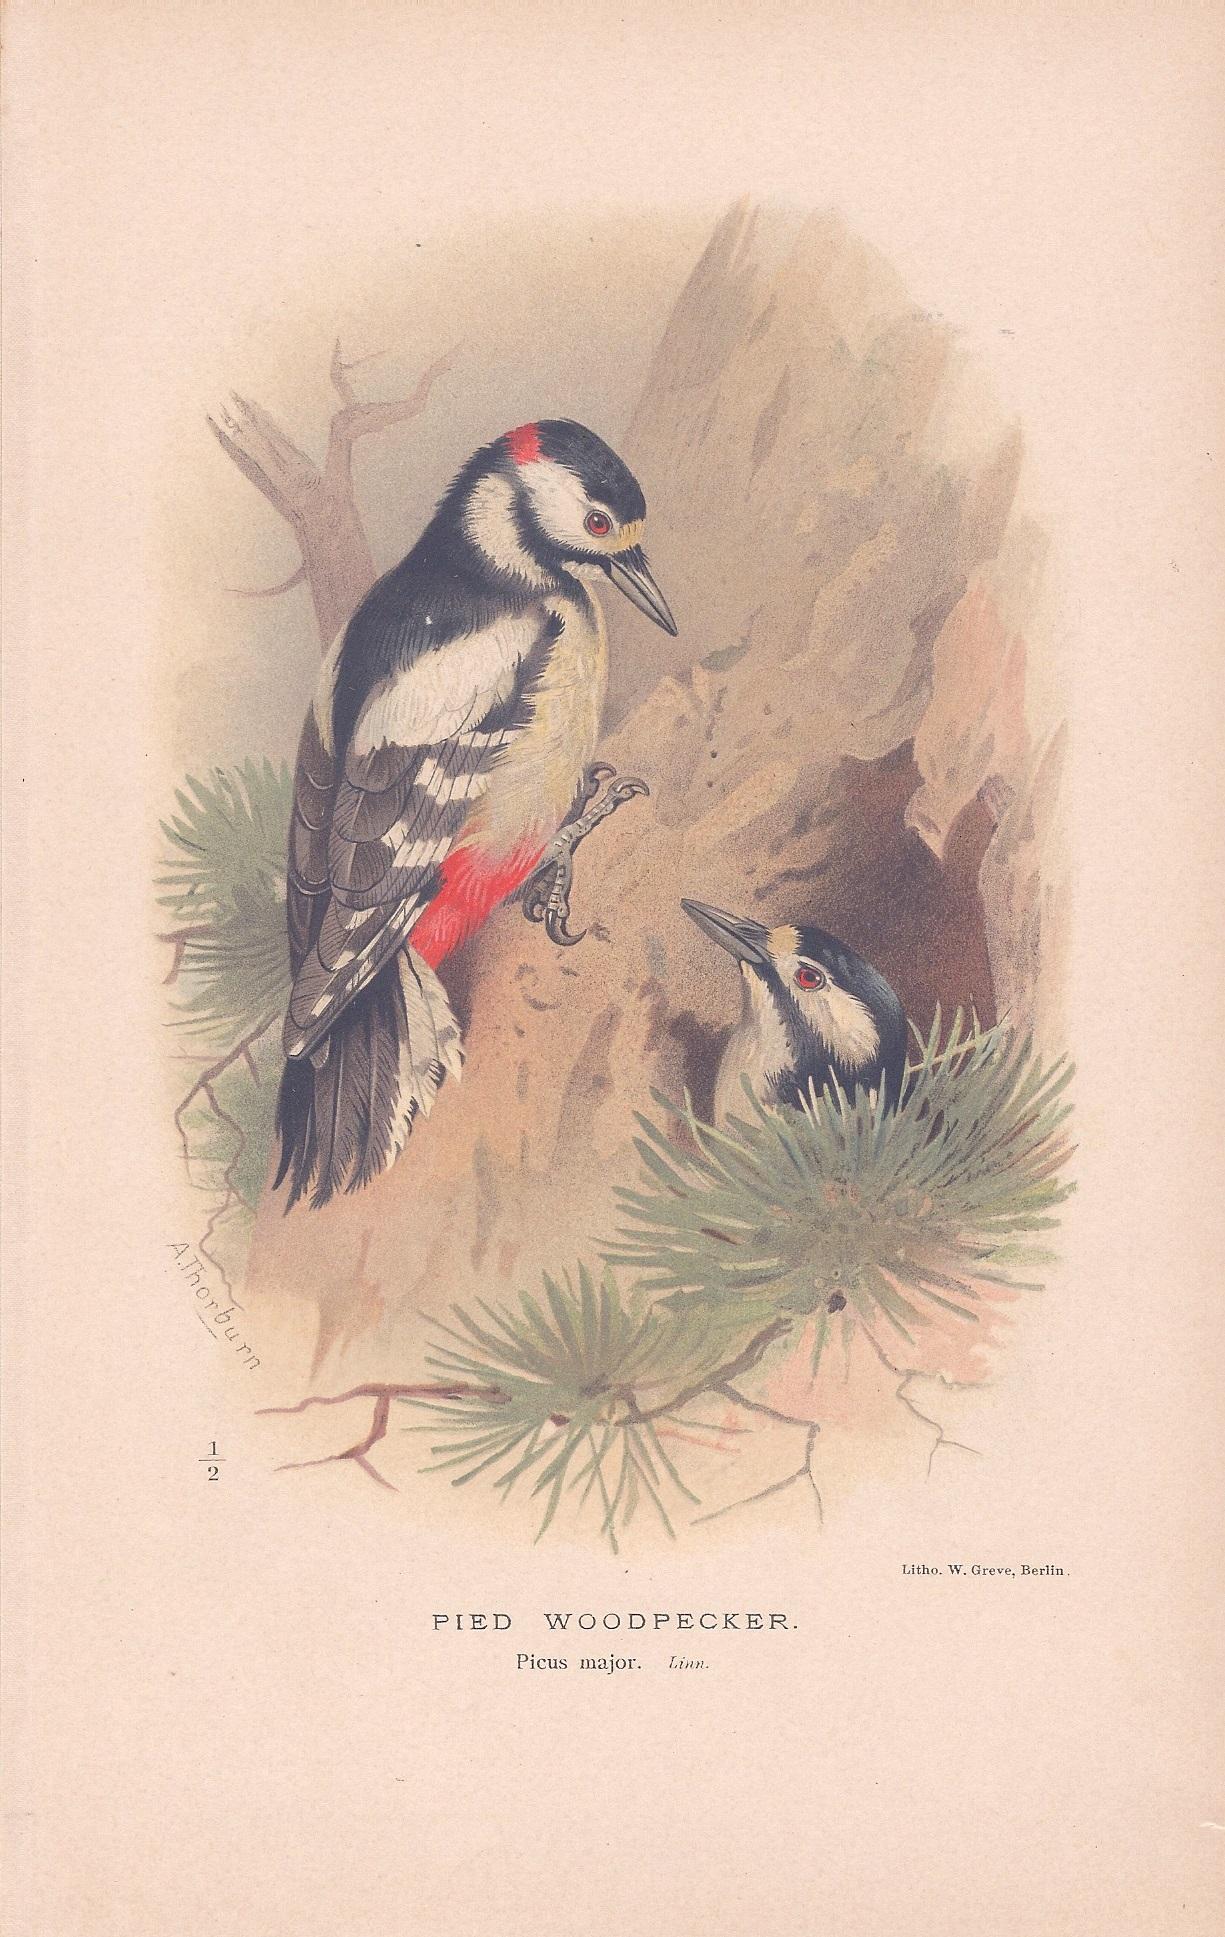 Pied Woodpecker